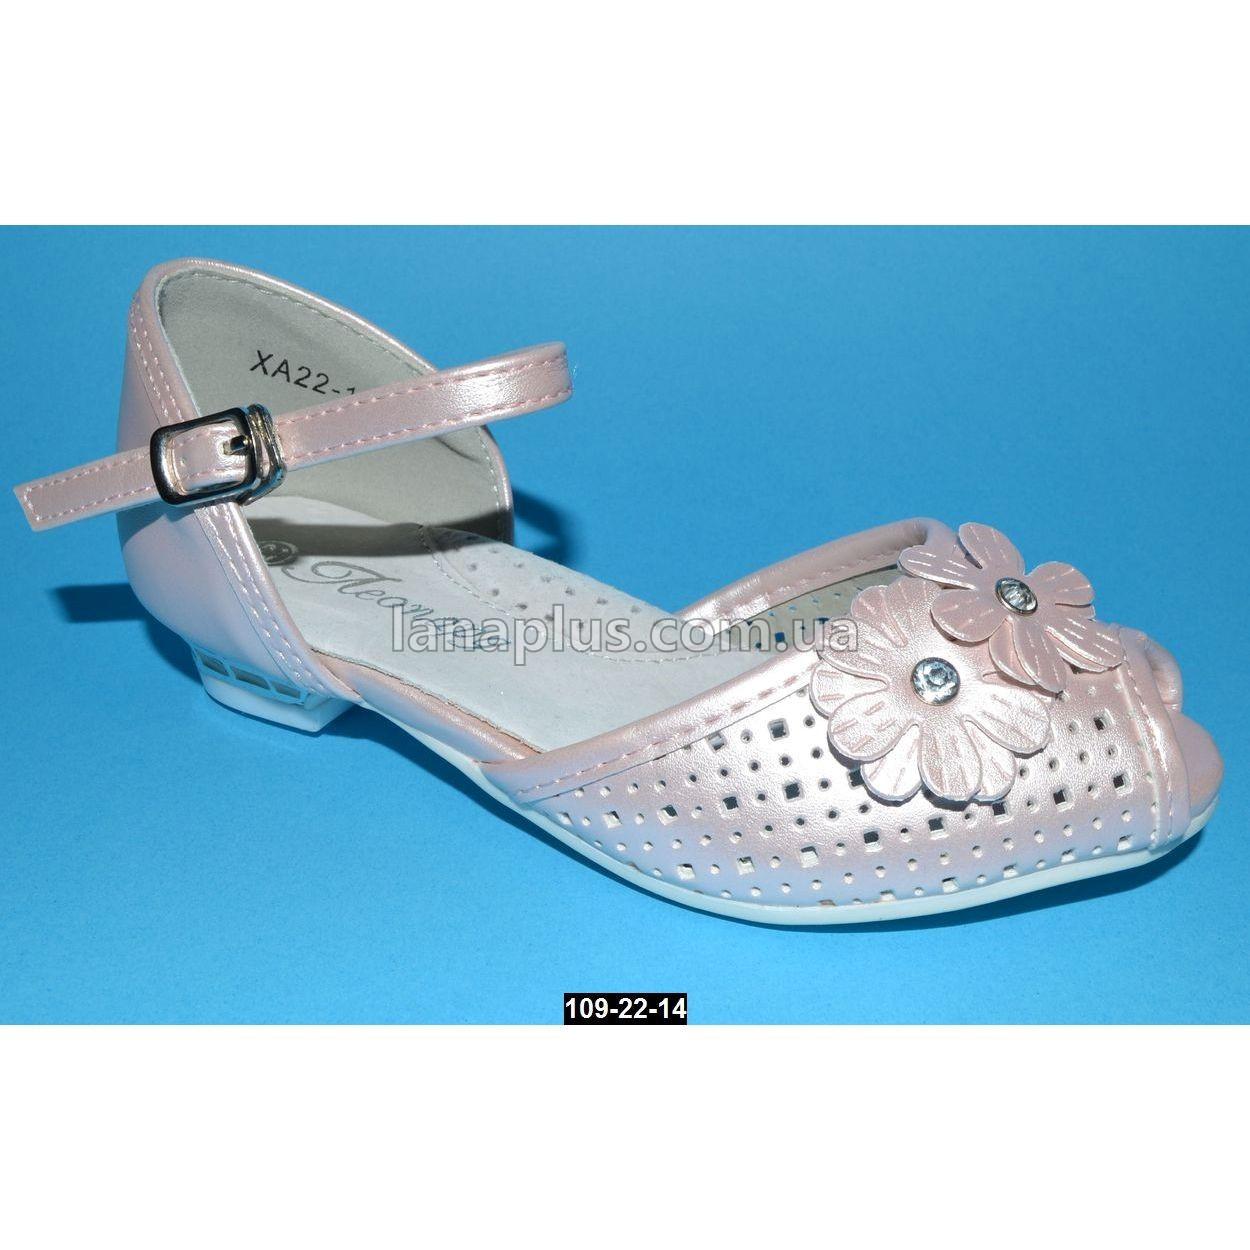 Нарядные босоножки, туфли для девочки, 25, 28 размер, супинатор, кожаная стелька, 109-22-14